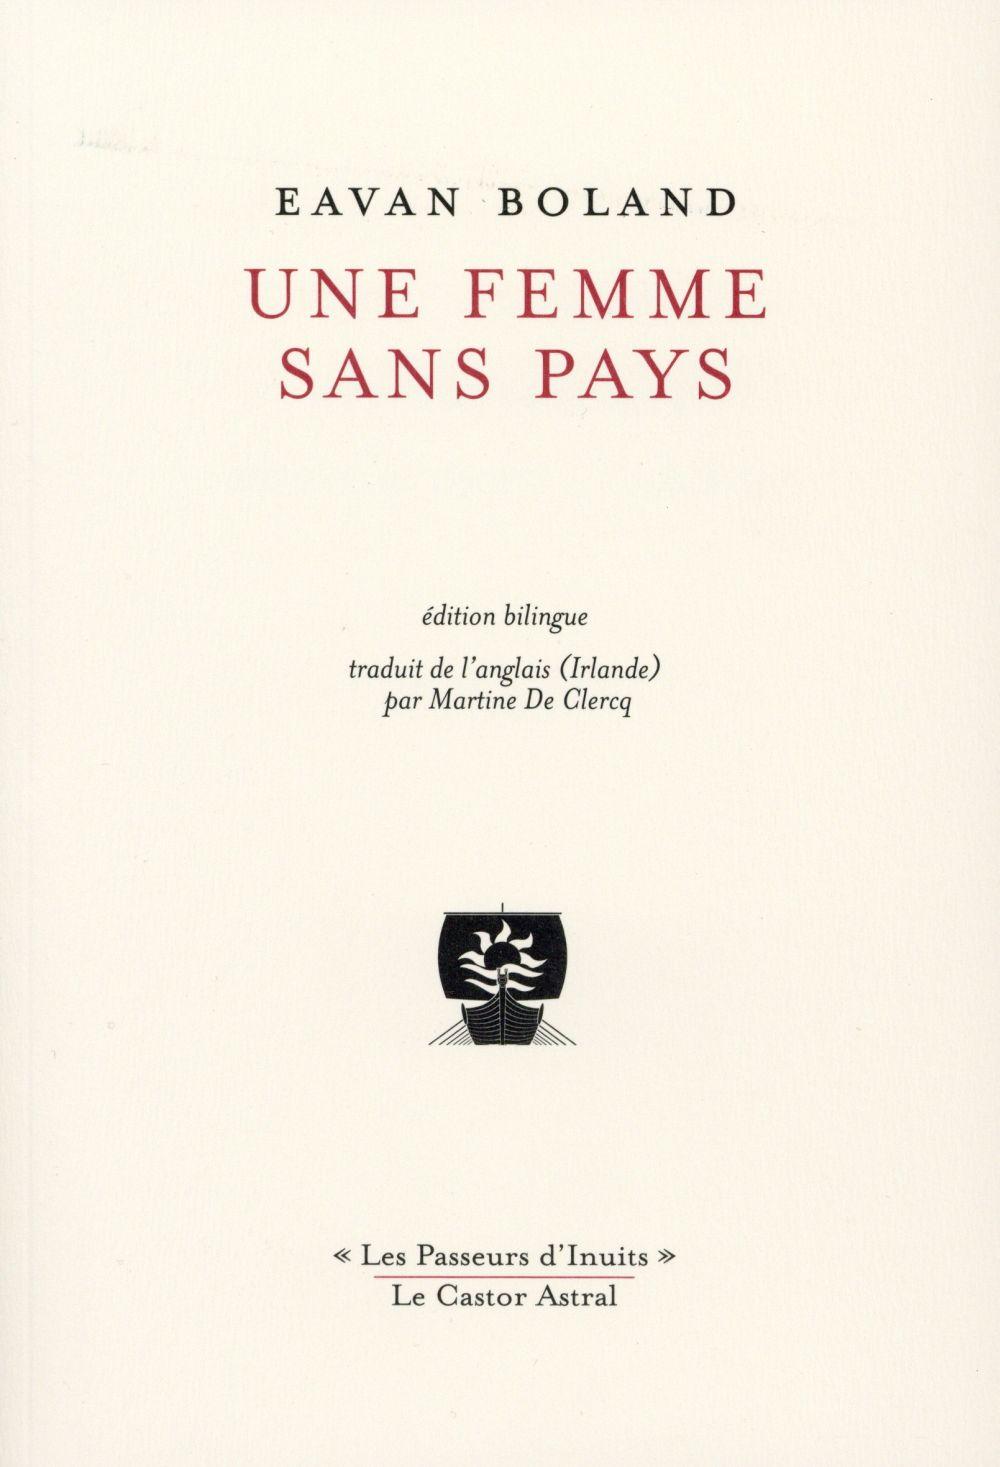 UNE FEMME SANS PAYS